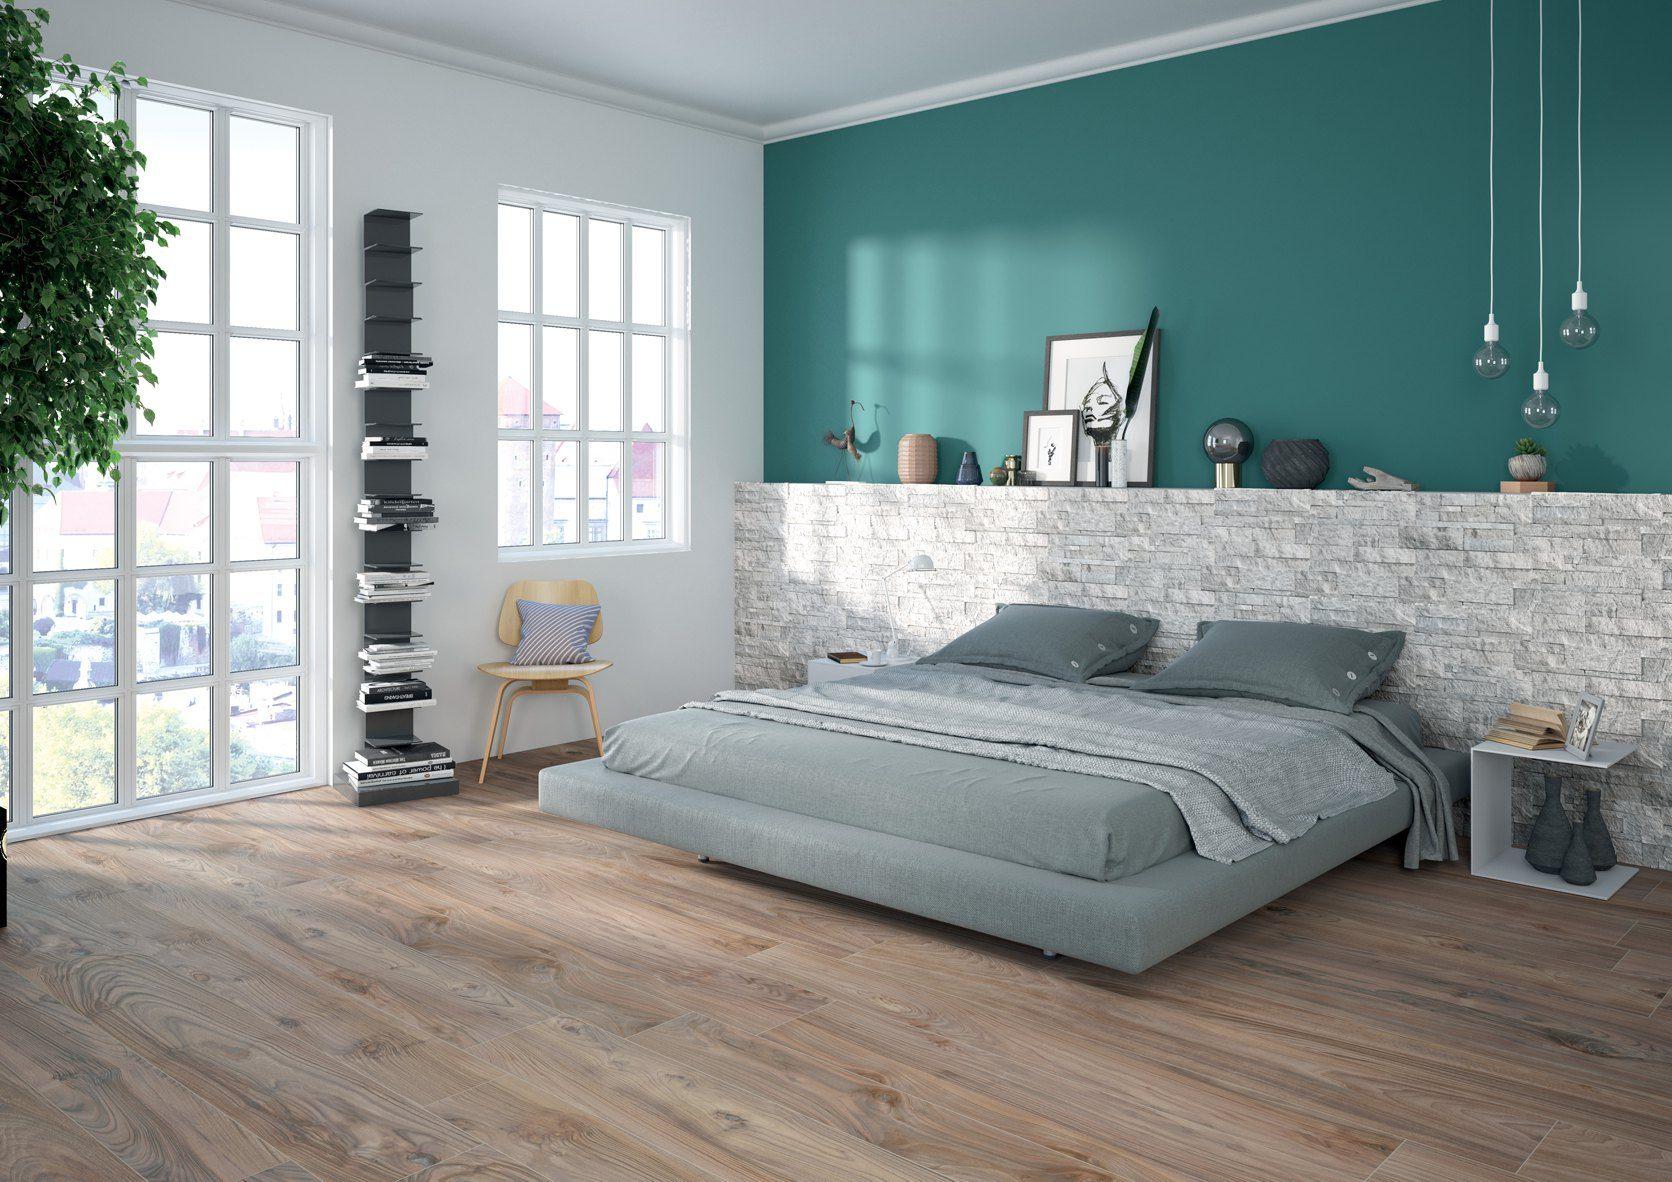 Camera da letto dallo stile nordico e minimale, gres effetto legno a ...